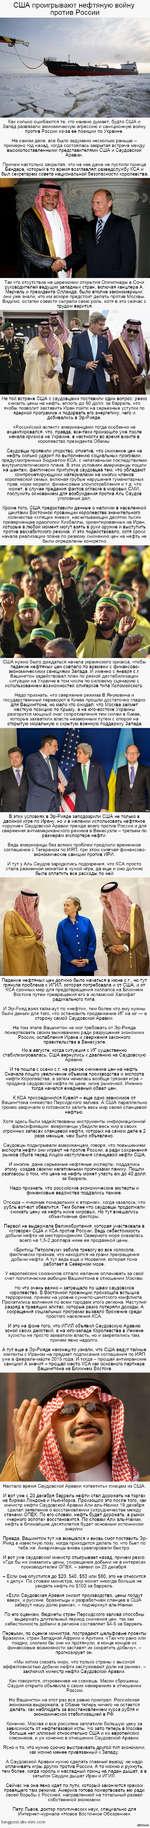 США проигрывают нефтяную войну против России Как сильно ошибаются те, кто наивно думает, будто США и Запад развязали экономическую агрессию и санкционную войну против России из-за ее позиции по Украине. На самом деле, все было задумано несколько раньше -примерно год назад, когда состоялась закры